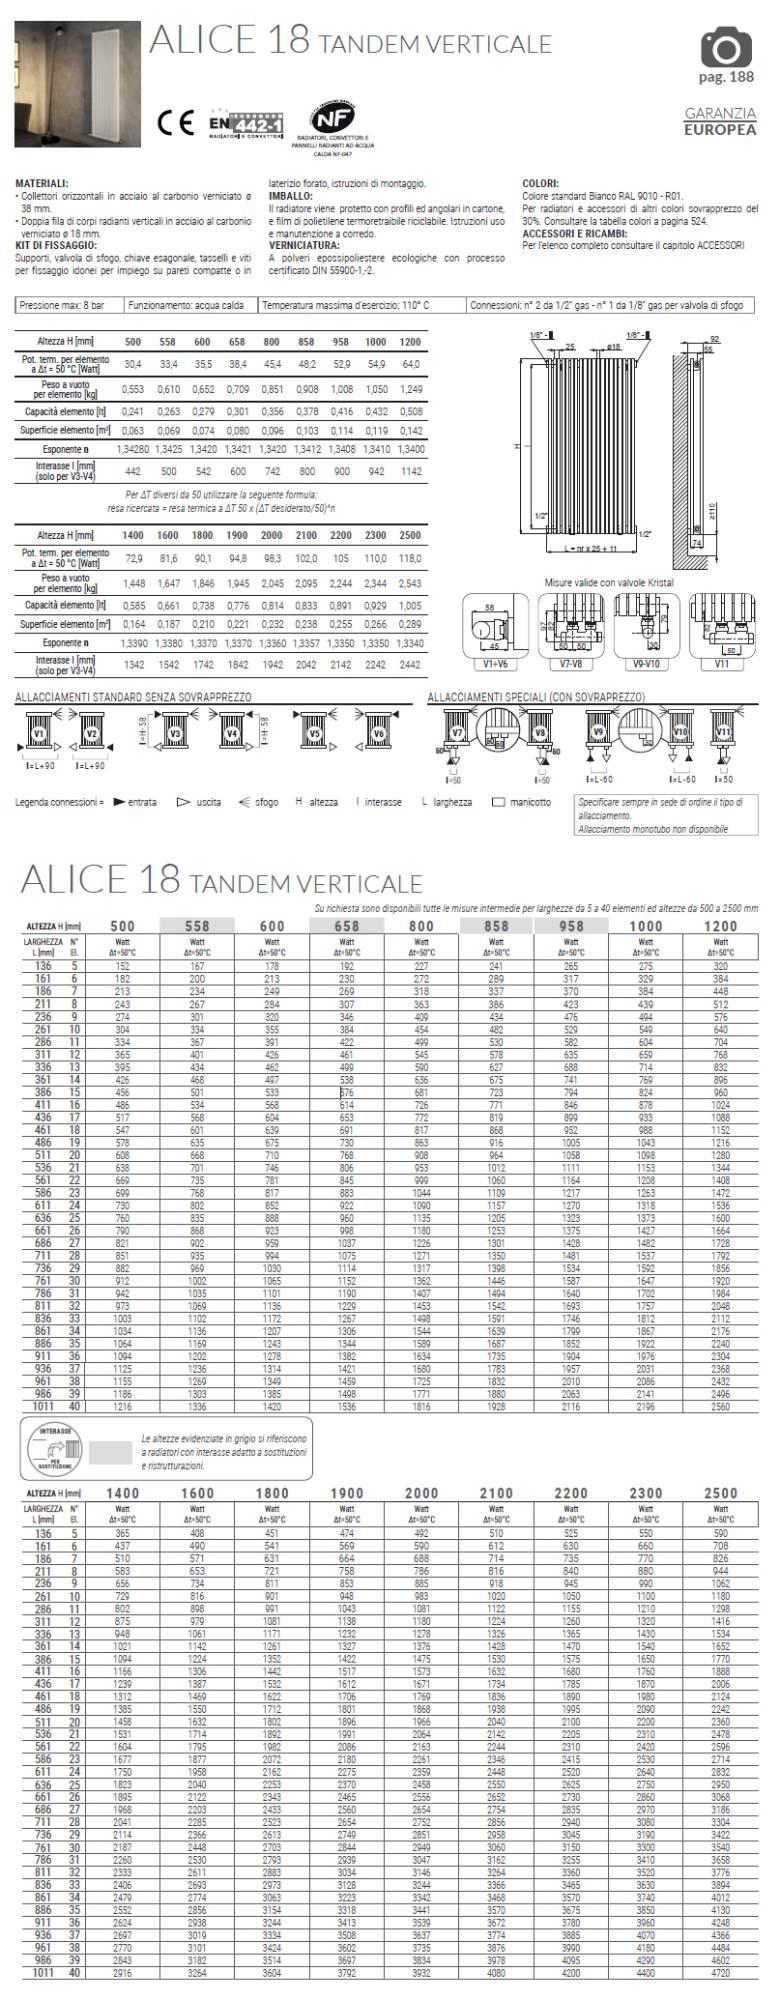 Bogen-Technik-Alice-18-Tandem-vertikal-Heizkörper-röhrenförmig-Cordivari